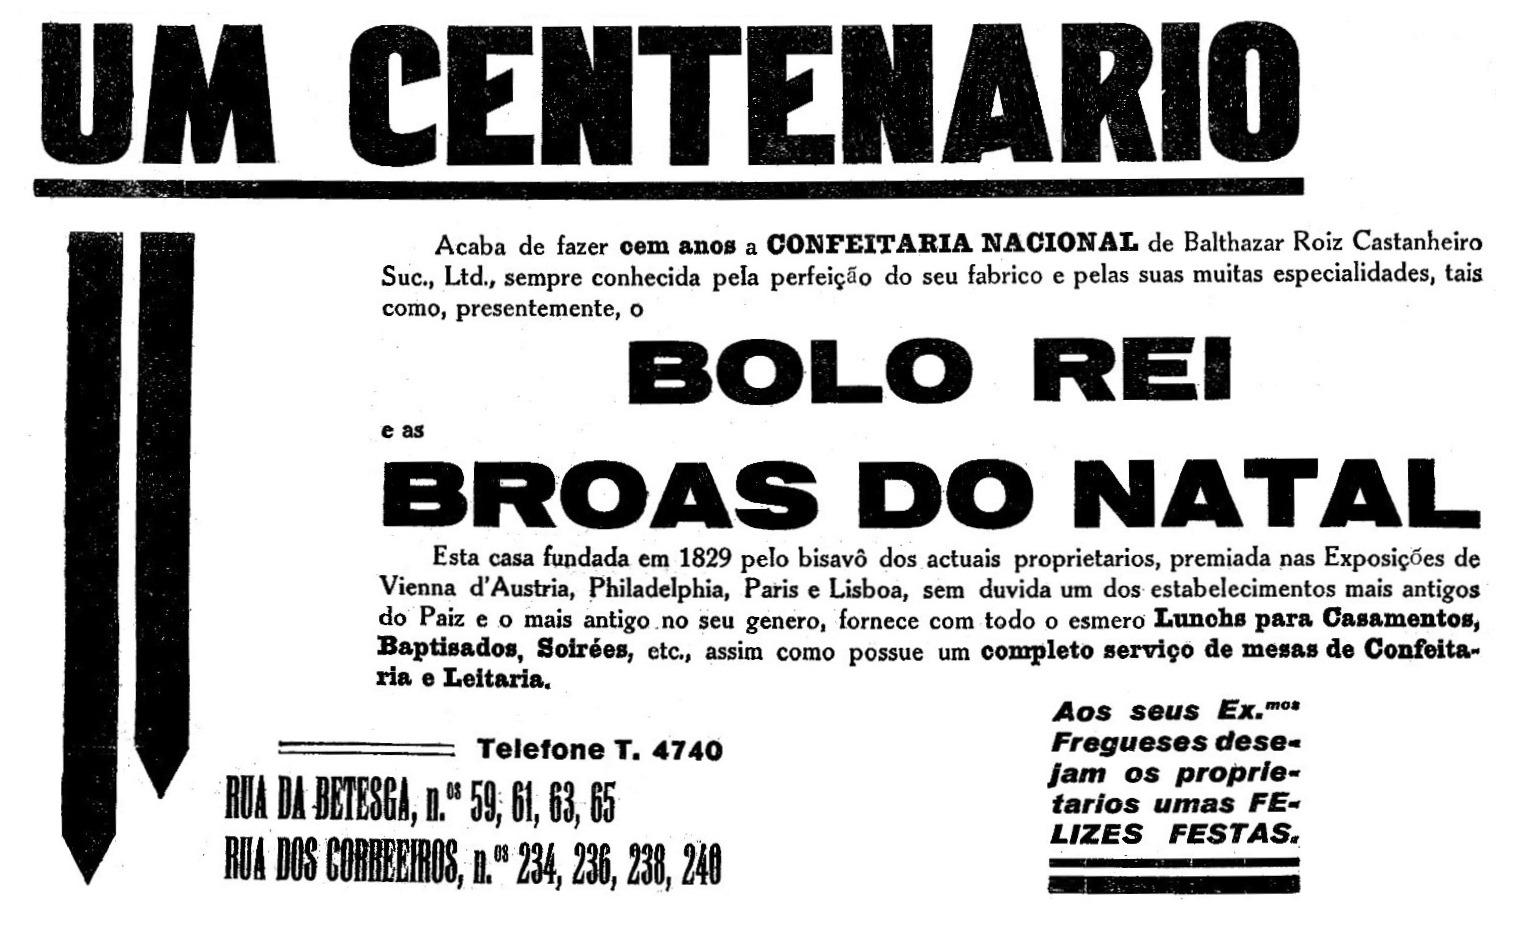 [1929-Confeitaria-Nacional-23-127]